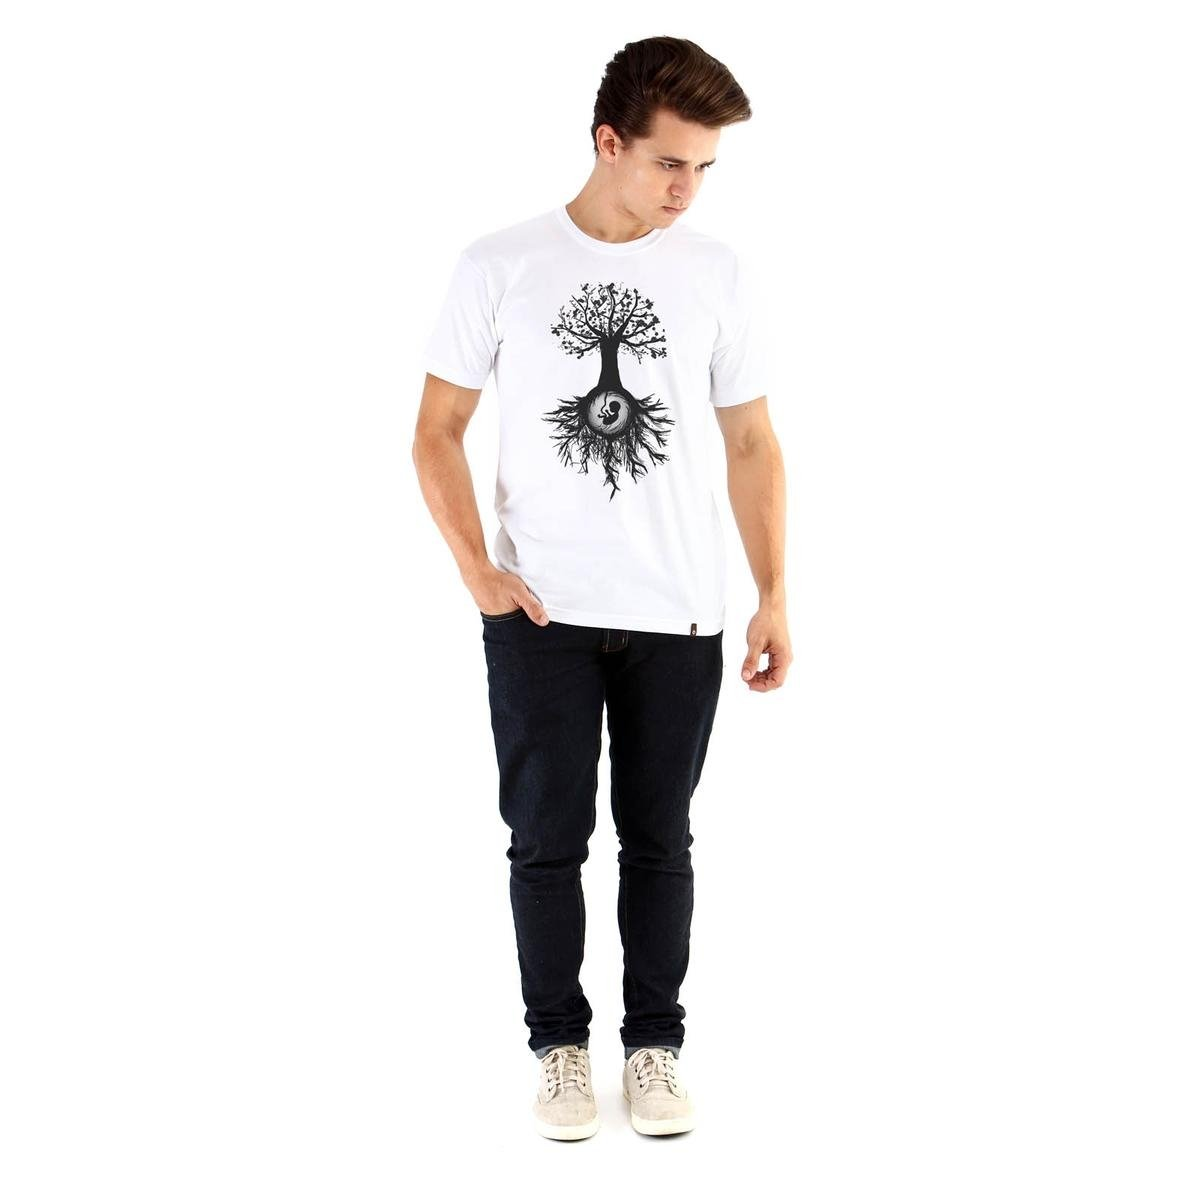 Camiseta Ouroboros manga curta Árvore da Vida - Branco